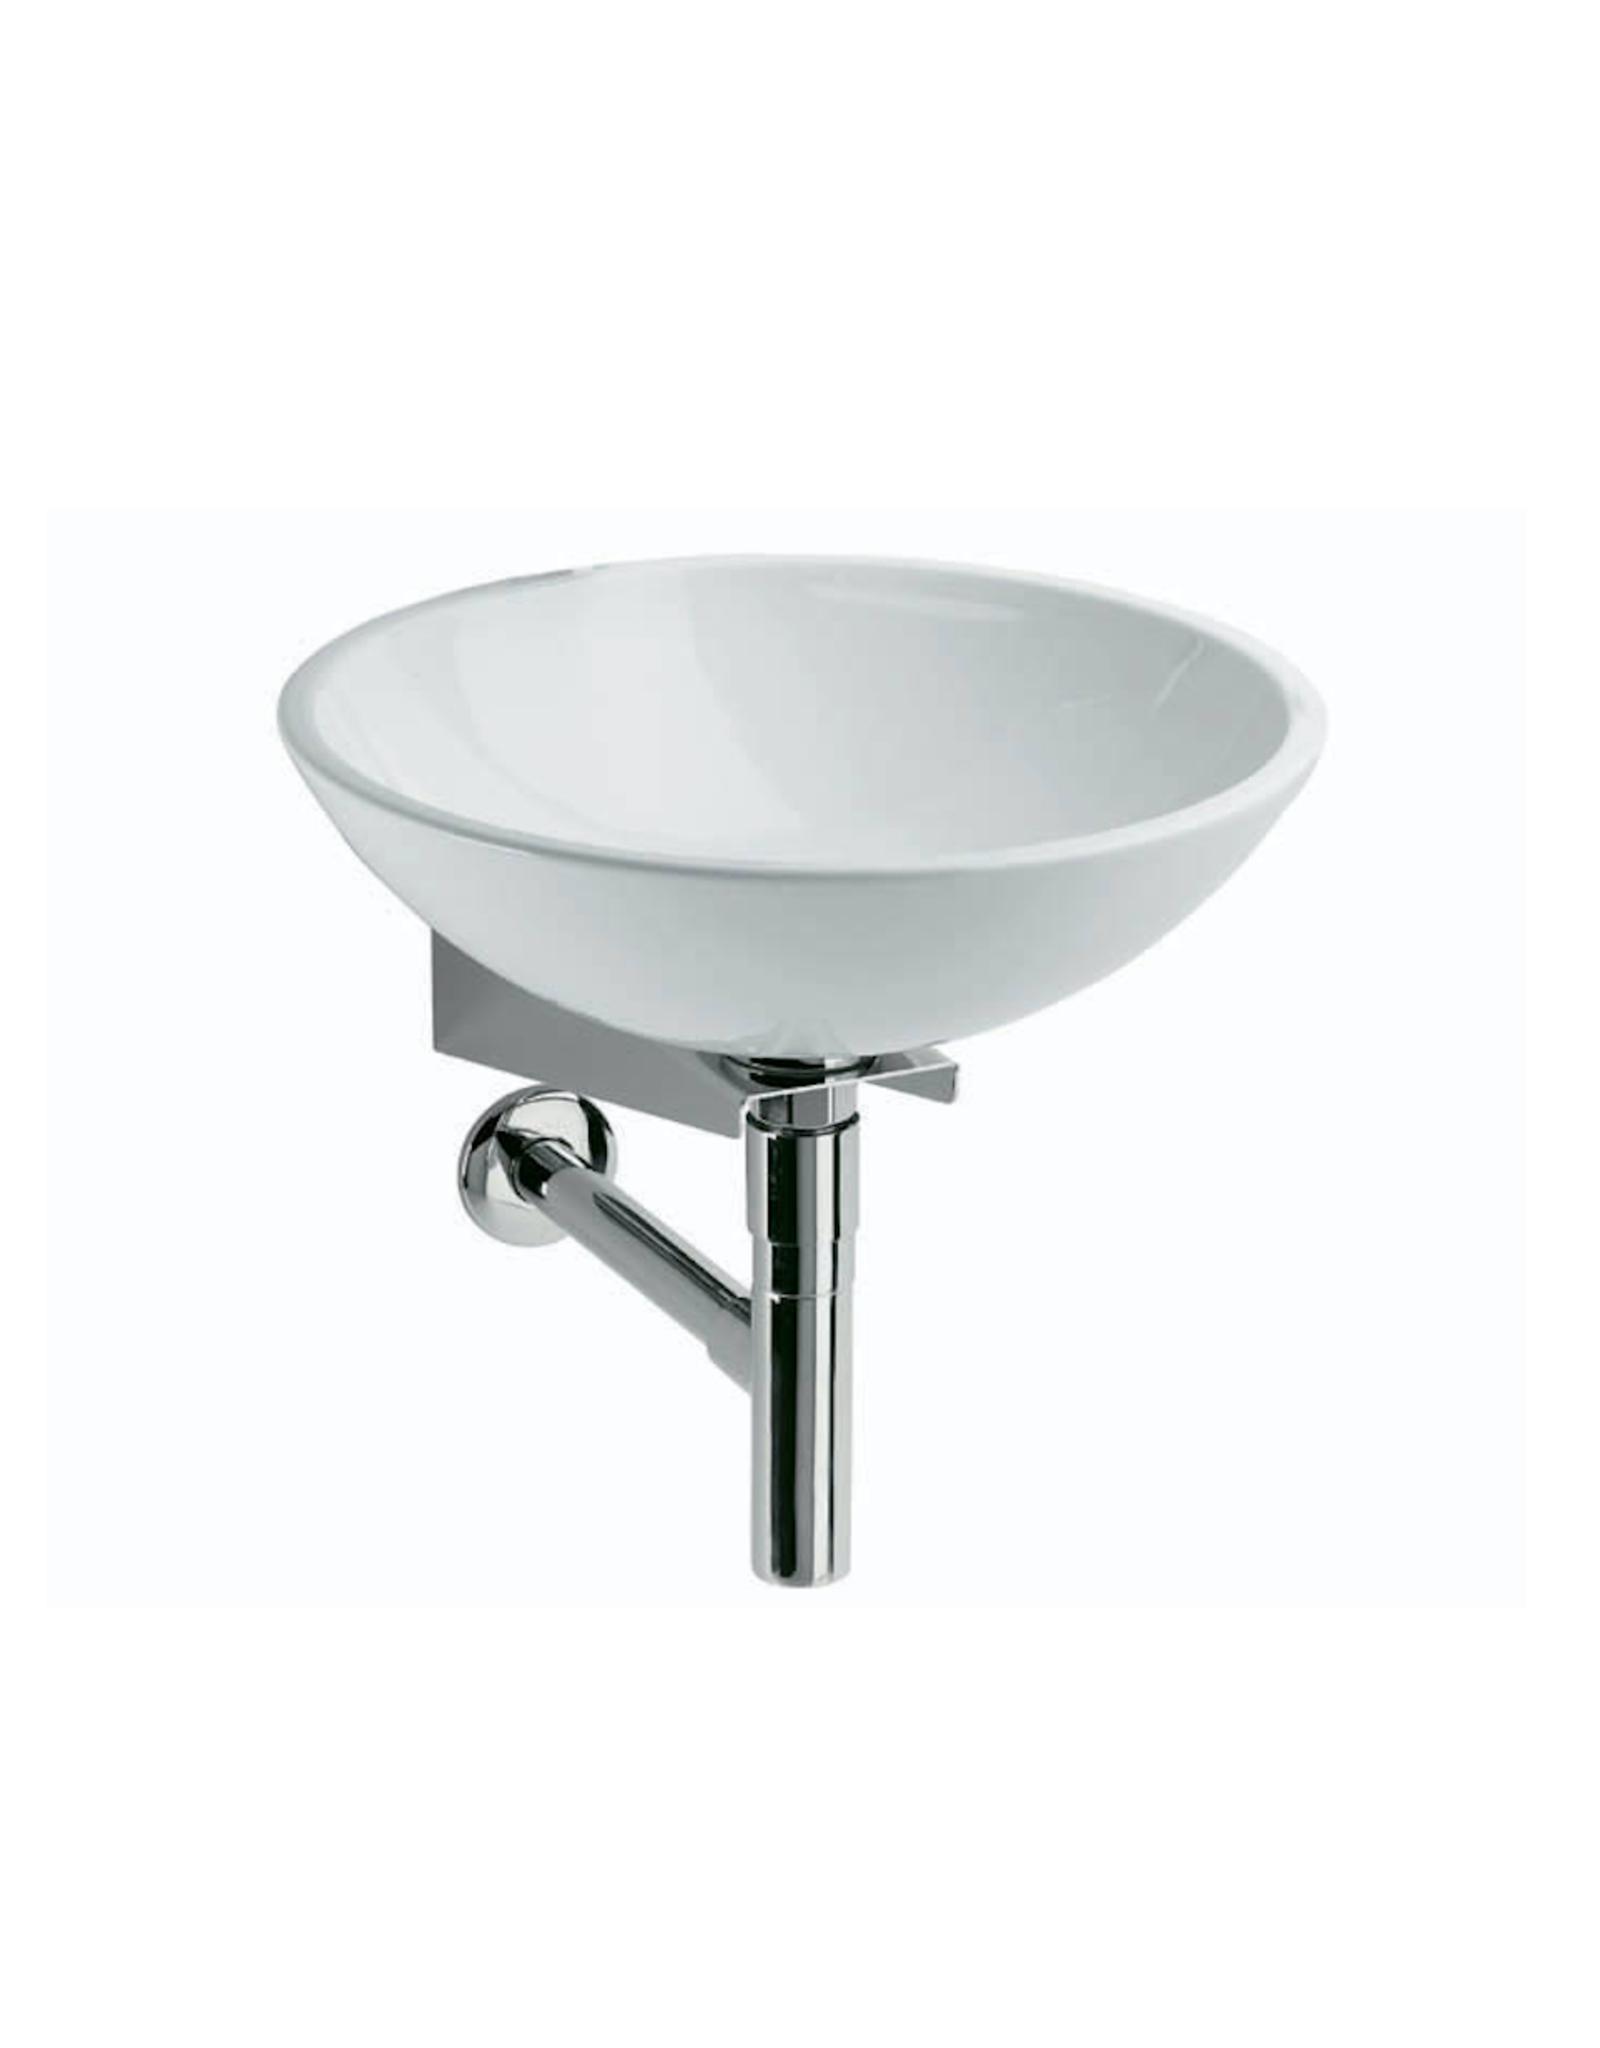 Grepia washbasin set - outlet